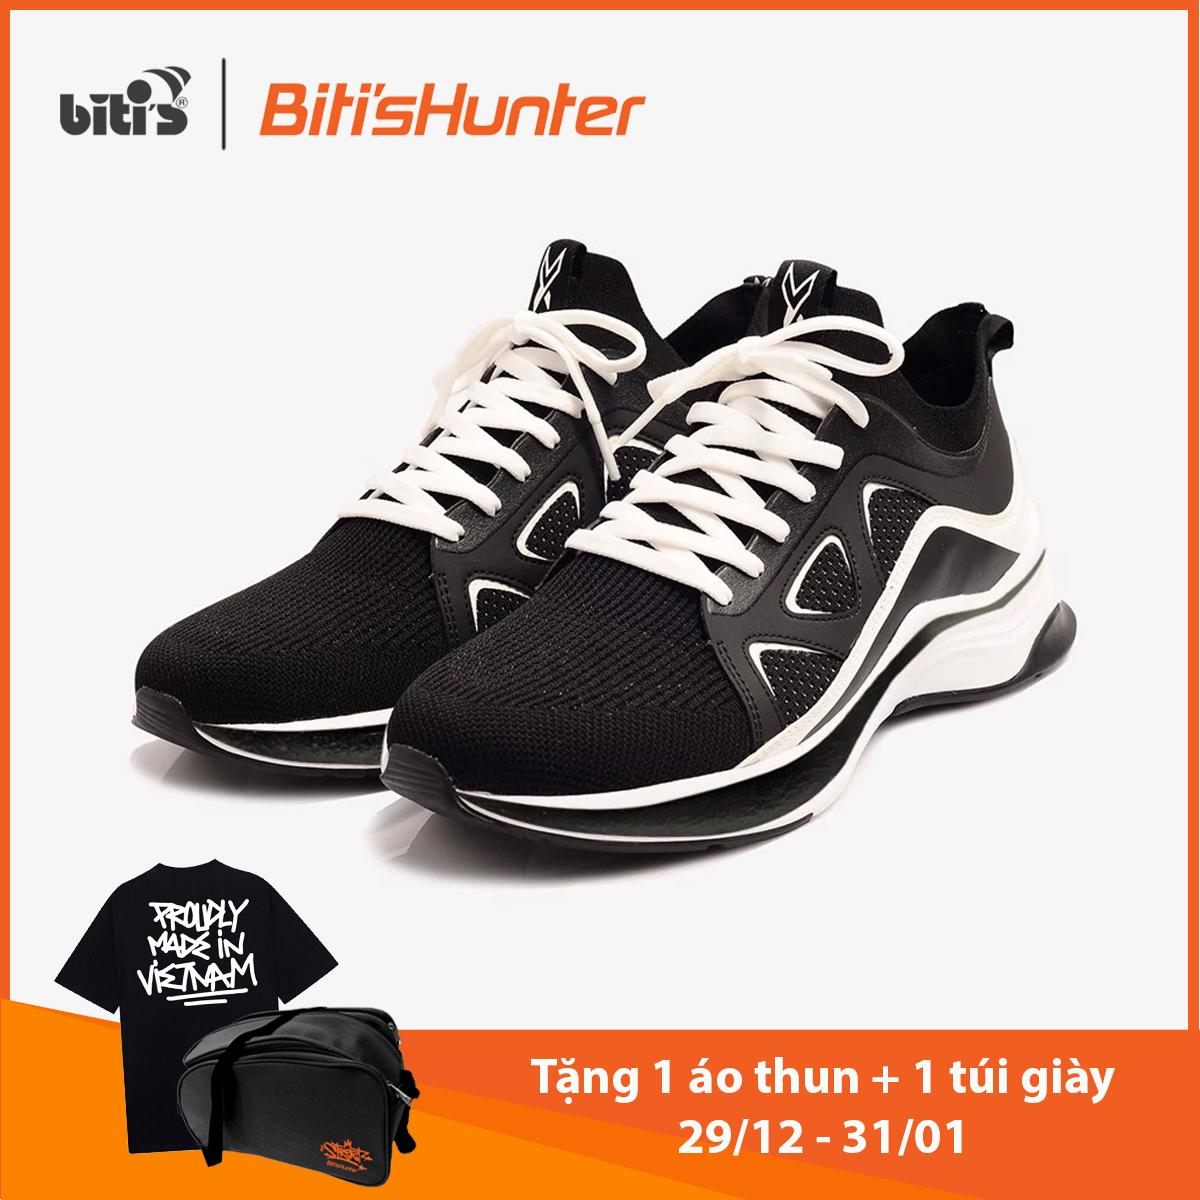 [TẶNG 1 ÁO KHOÁC HUNTER TỪ 3/3 - 31/3] Giày Thể Thao Nam Biti's Hunter X Americano 2K20 DSMH03400DEN